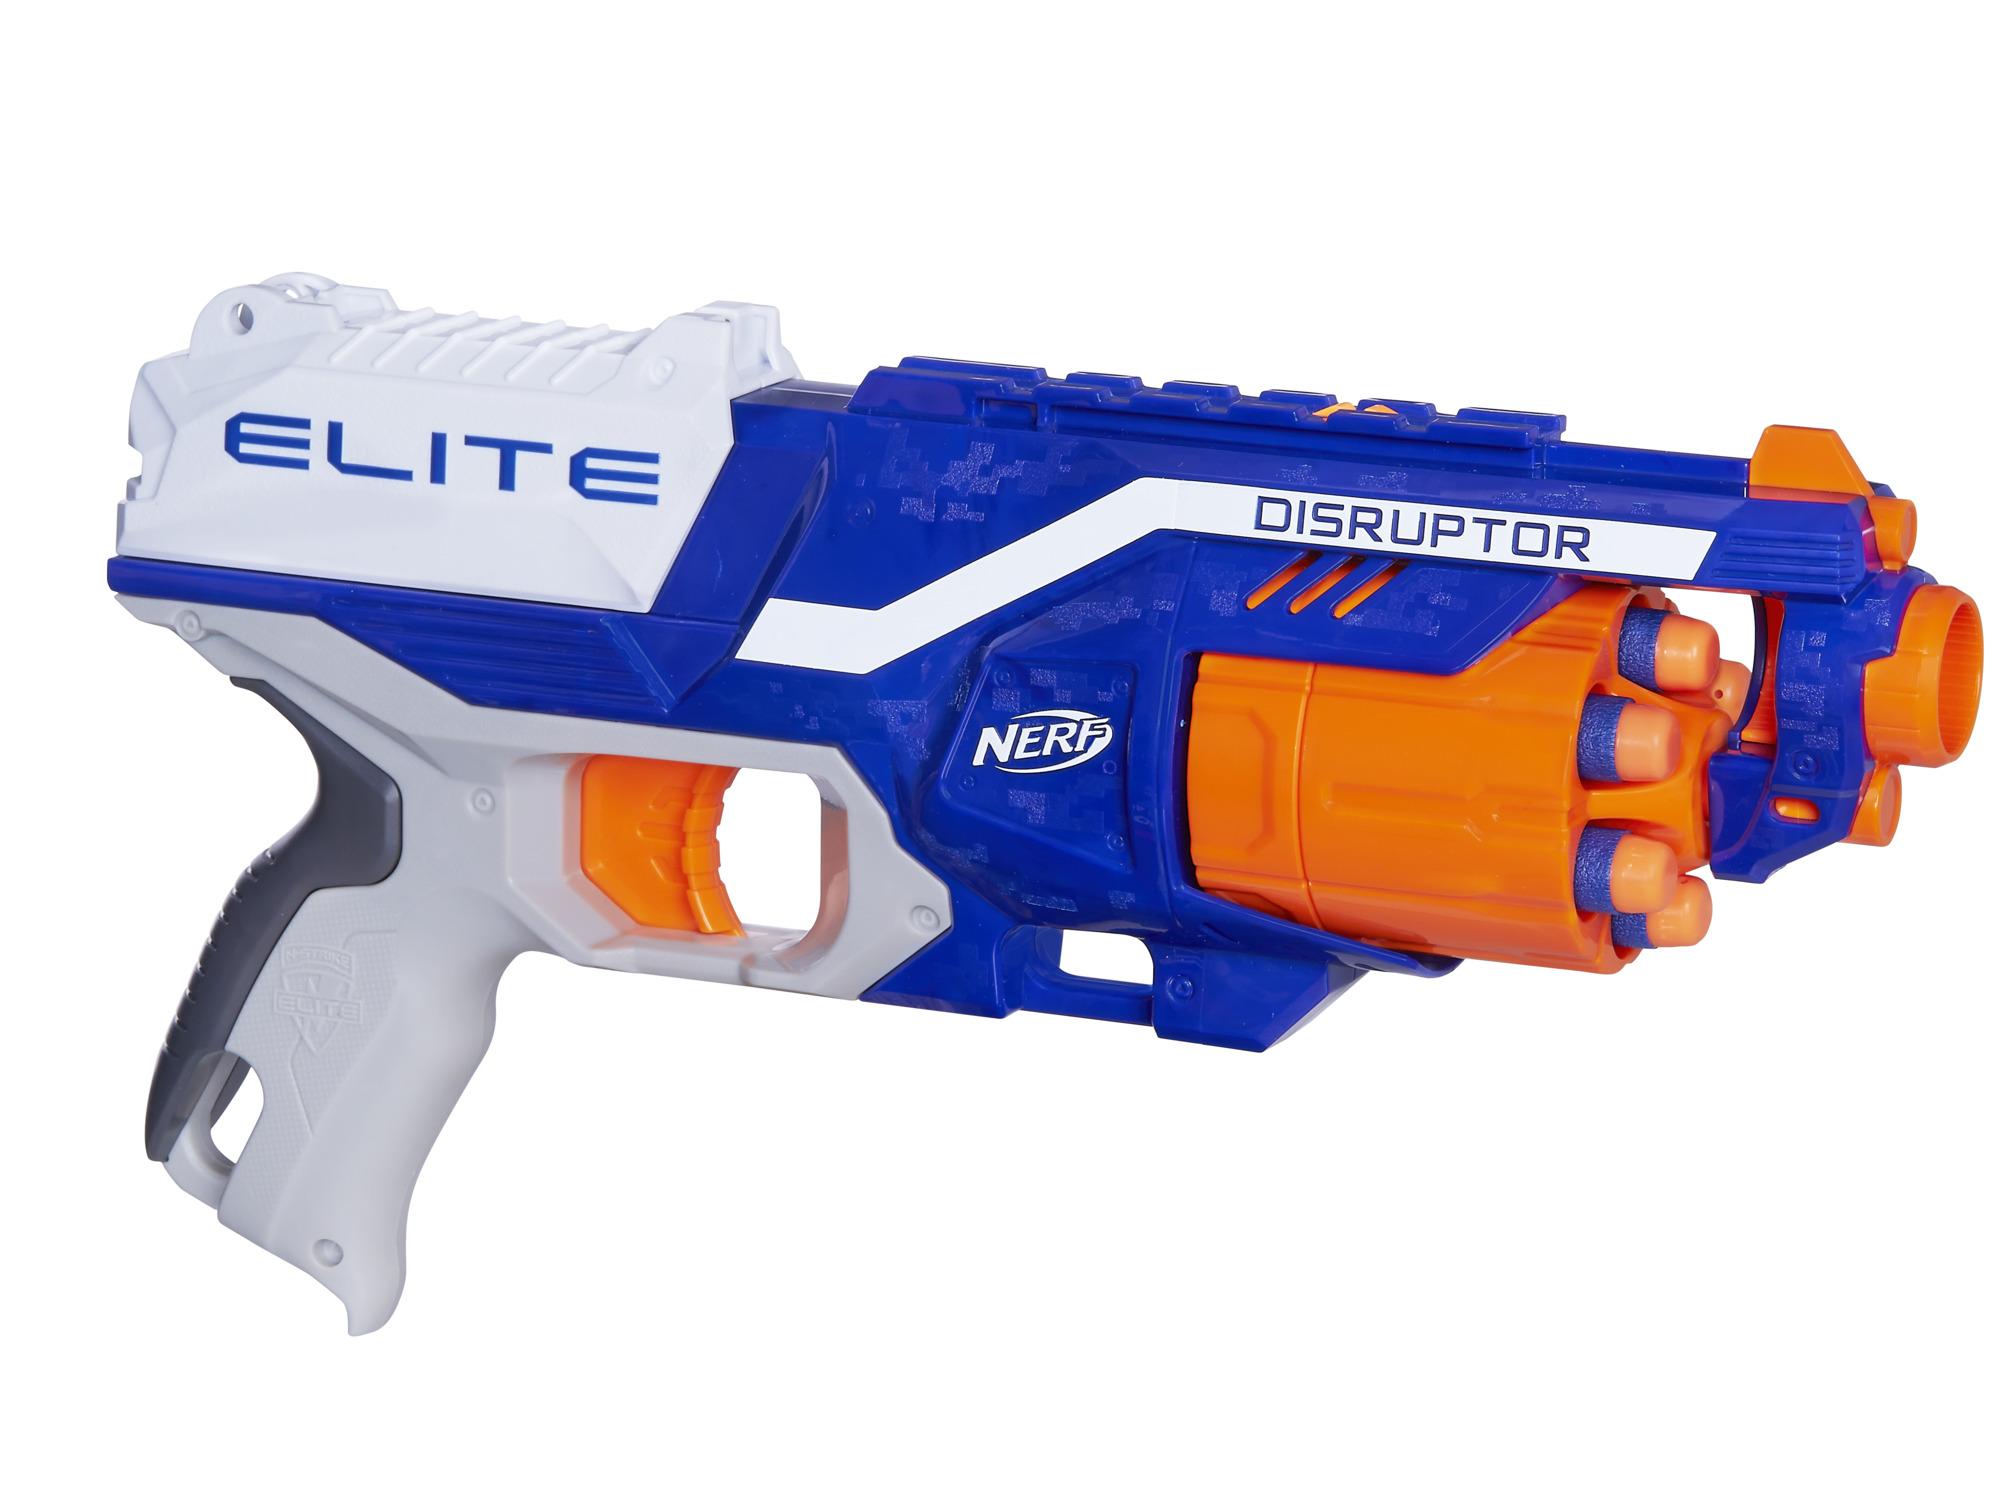 너프 엘리트 디스럽터 장난감총, 혼합 색상